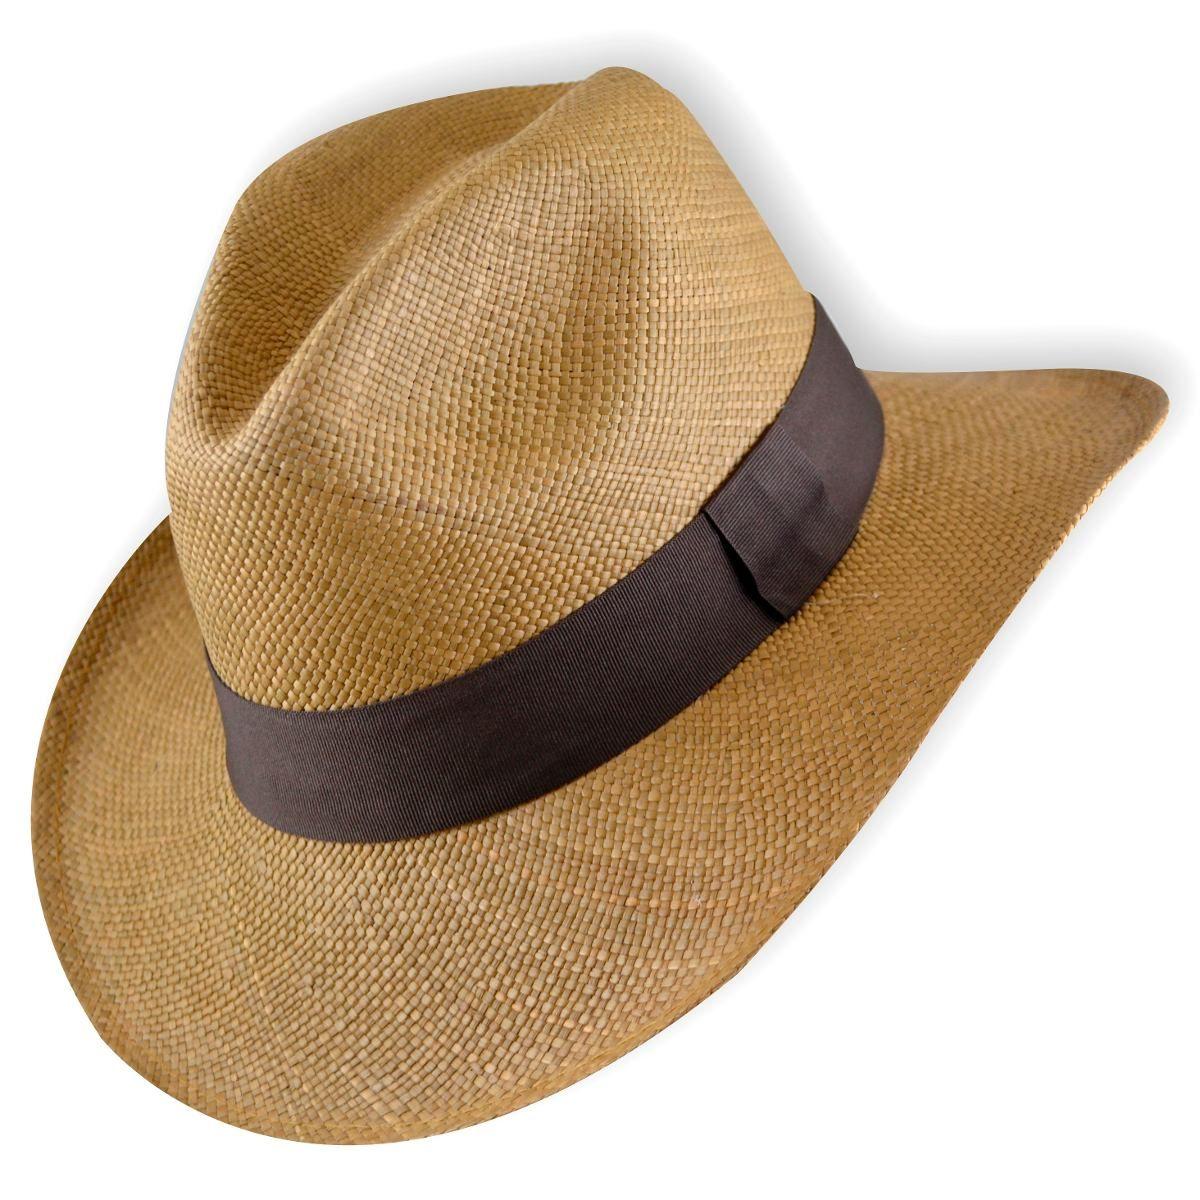 sombrero panamá de ecuador jipijapa para hombre  2ee8d2d54e8